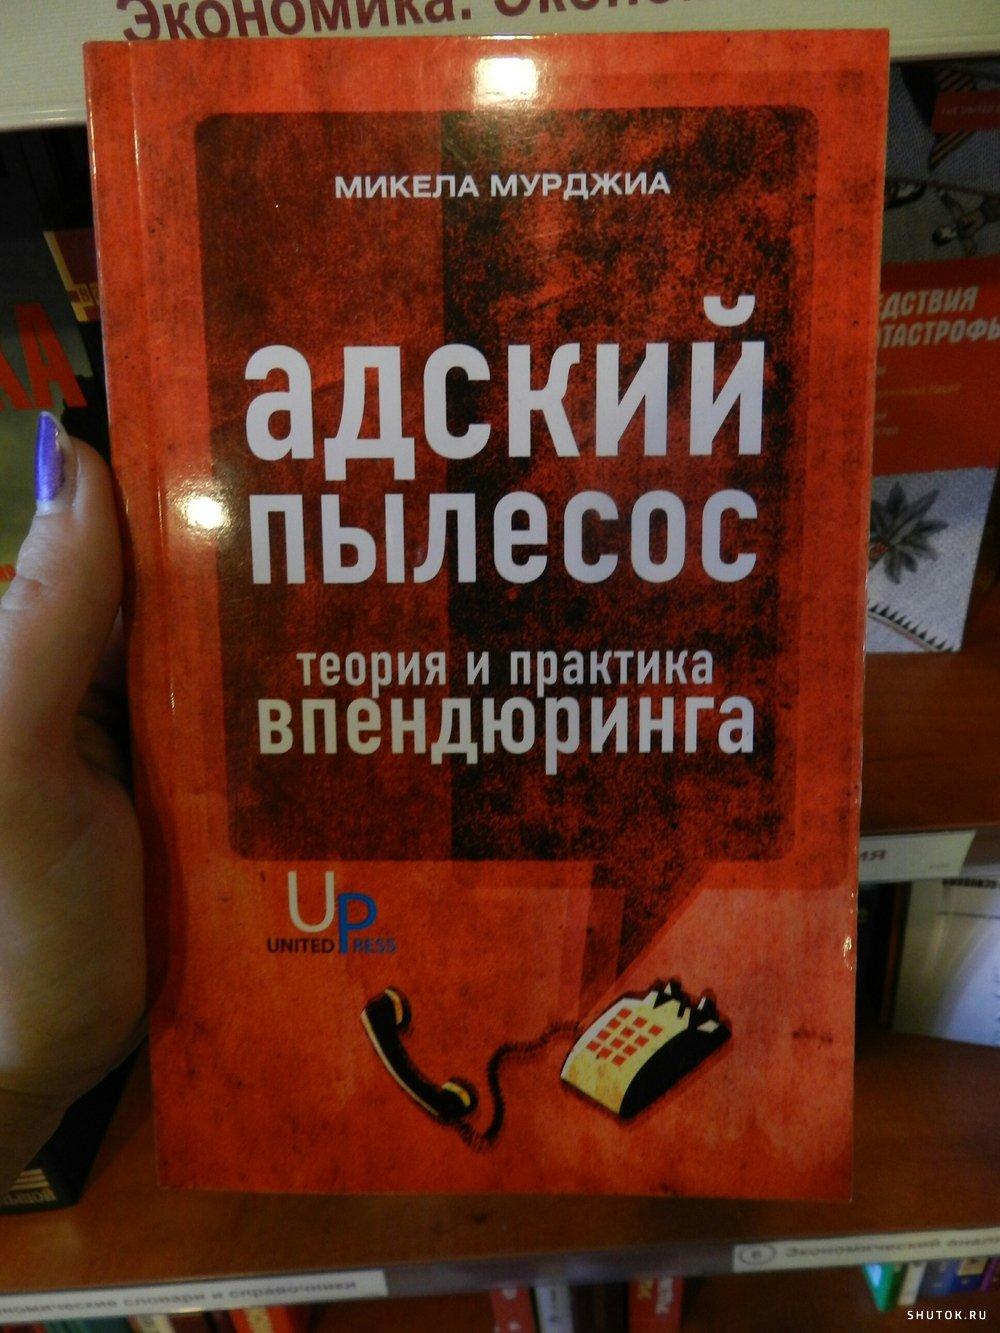 Подборка книг с забавным названием